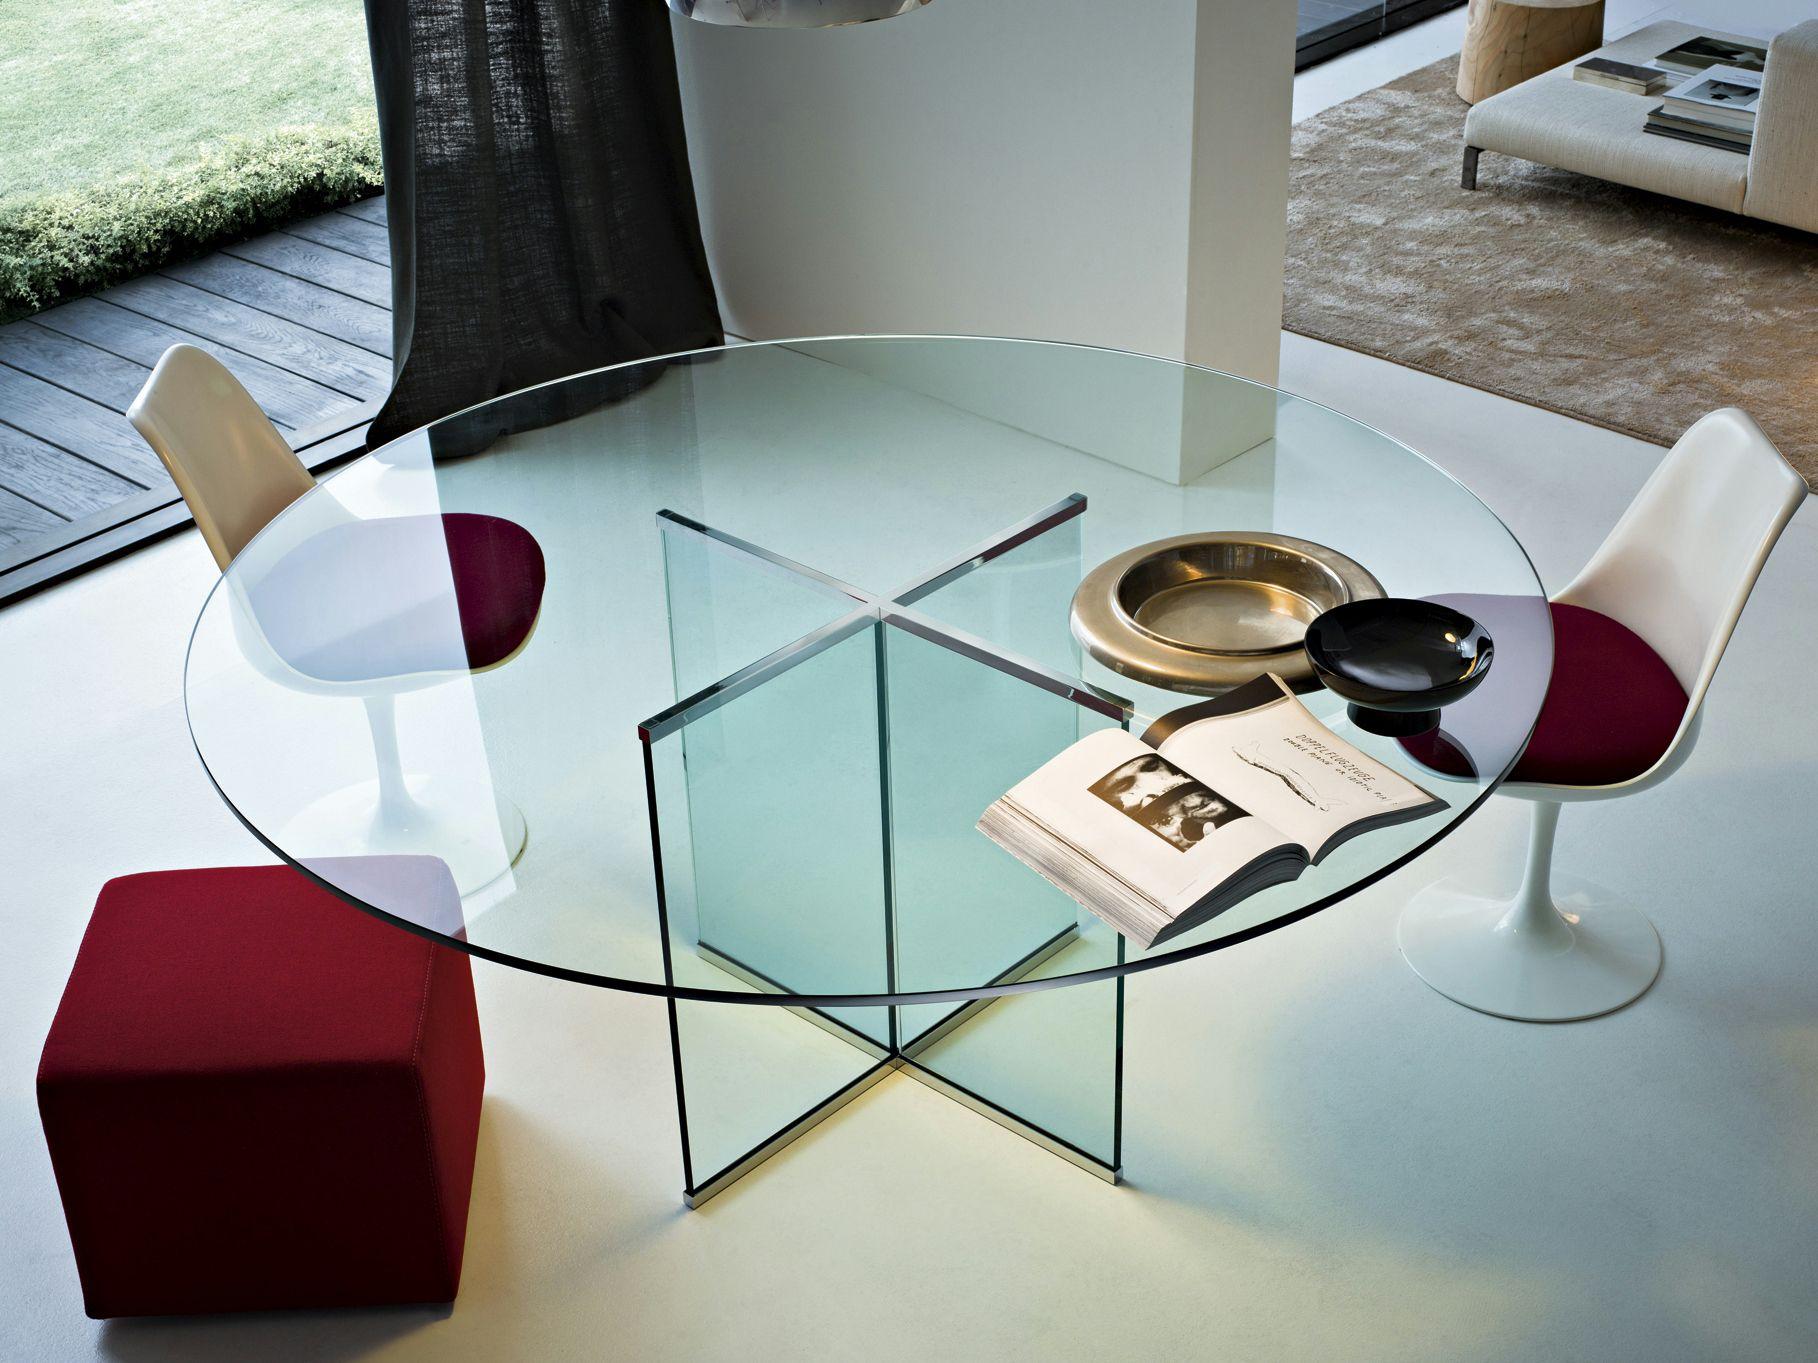 Tavolo in cristallo eros tavolo rotondo by gallotti radice for Tavolo cristallo rotondo design